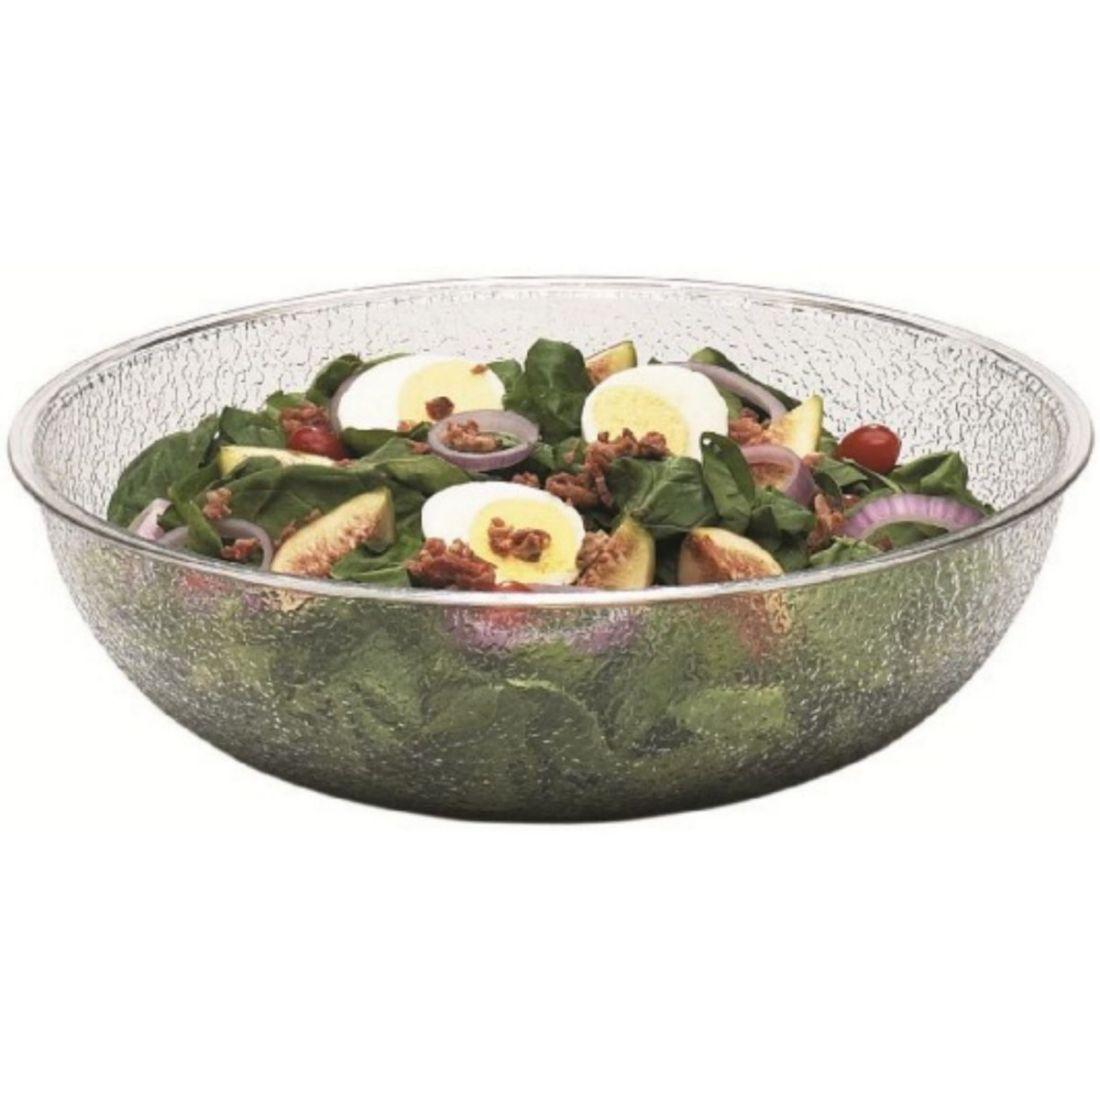 Mísa salátová pr. 30,5 cm, objem 5,5 l